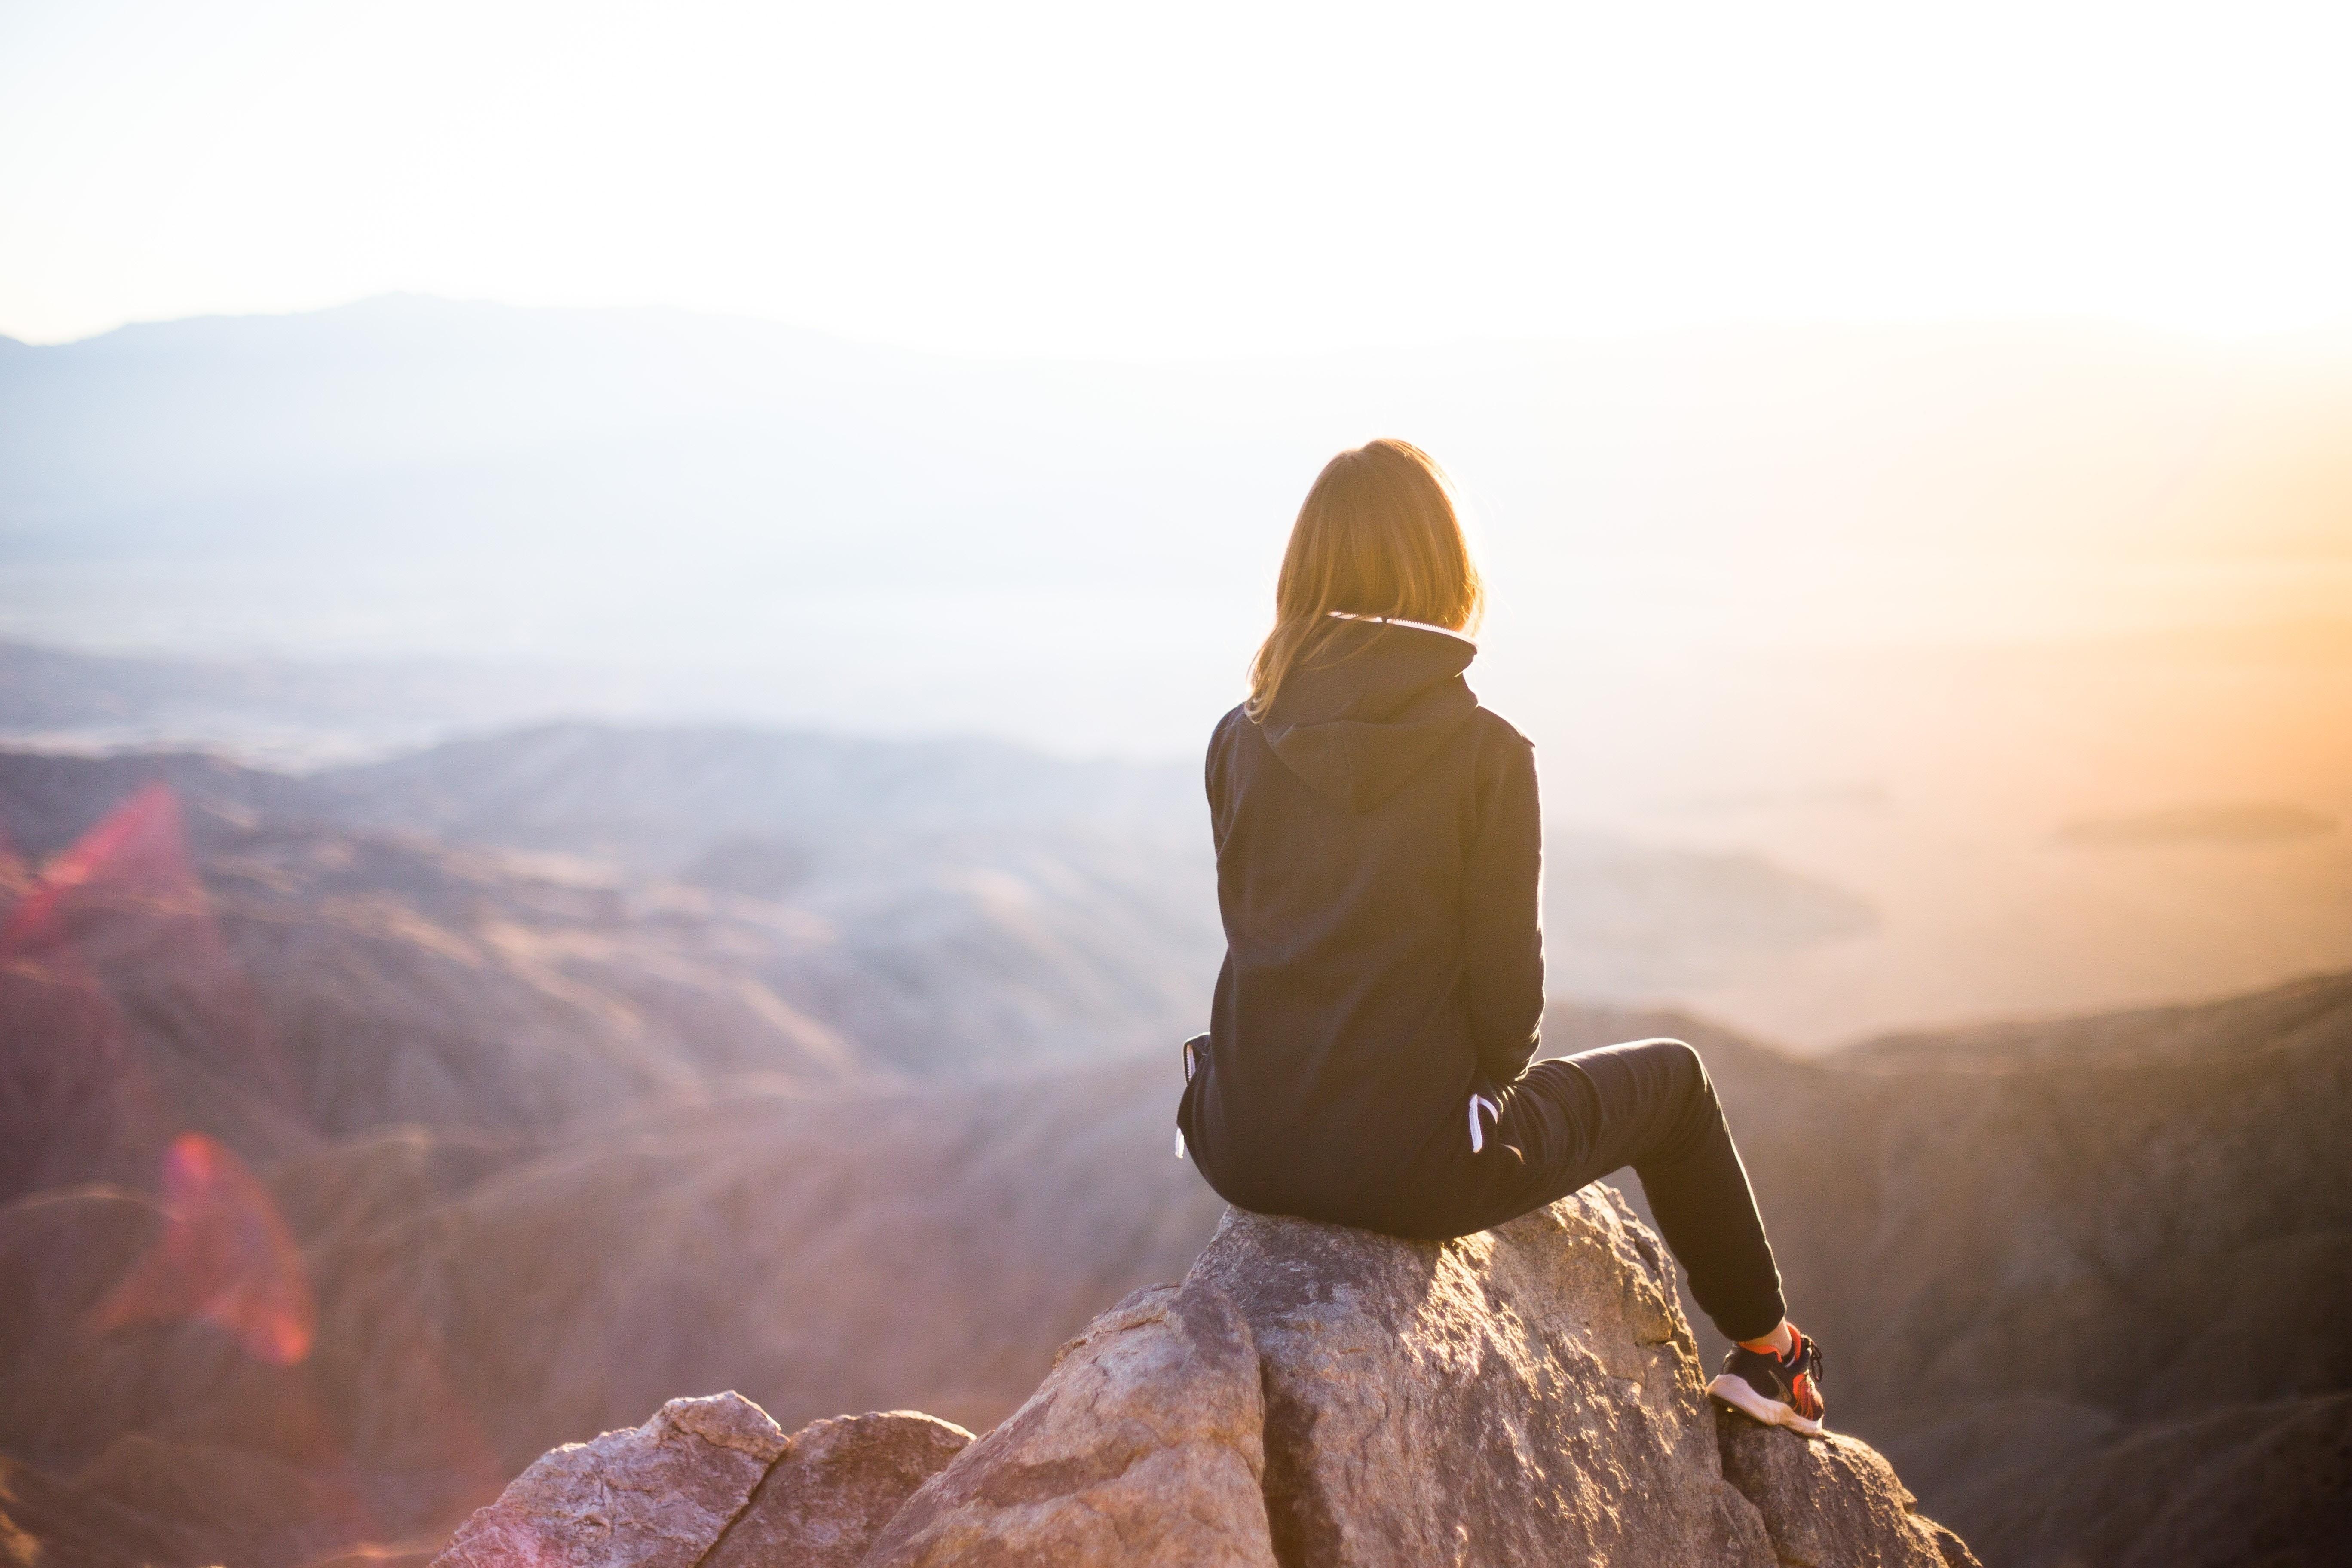 Выдыхай, бобер: как успокоиться и перестать нервничать (5 эффективных техник)